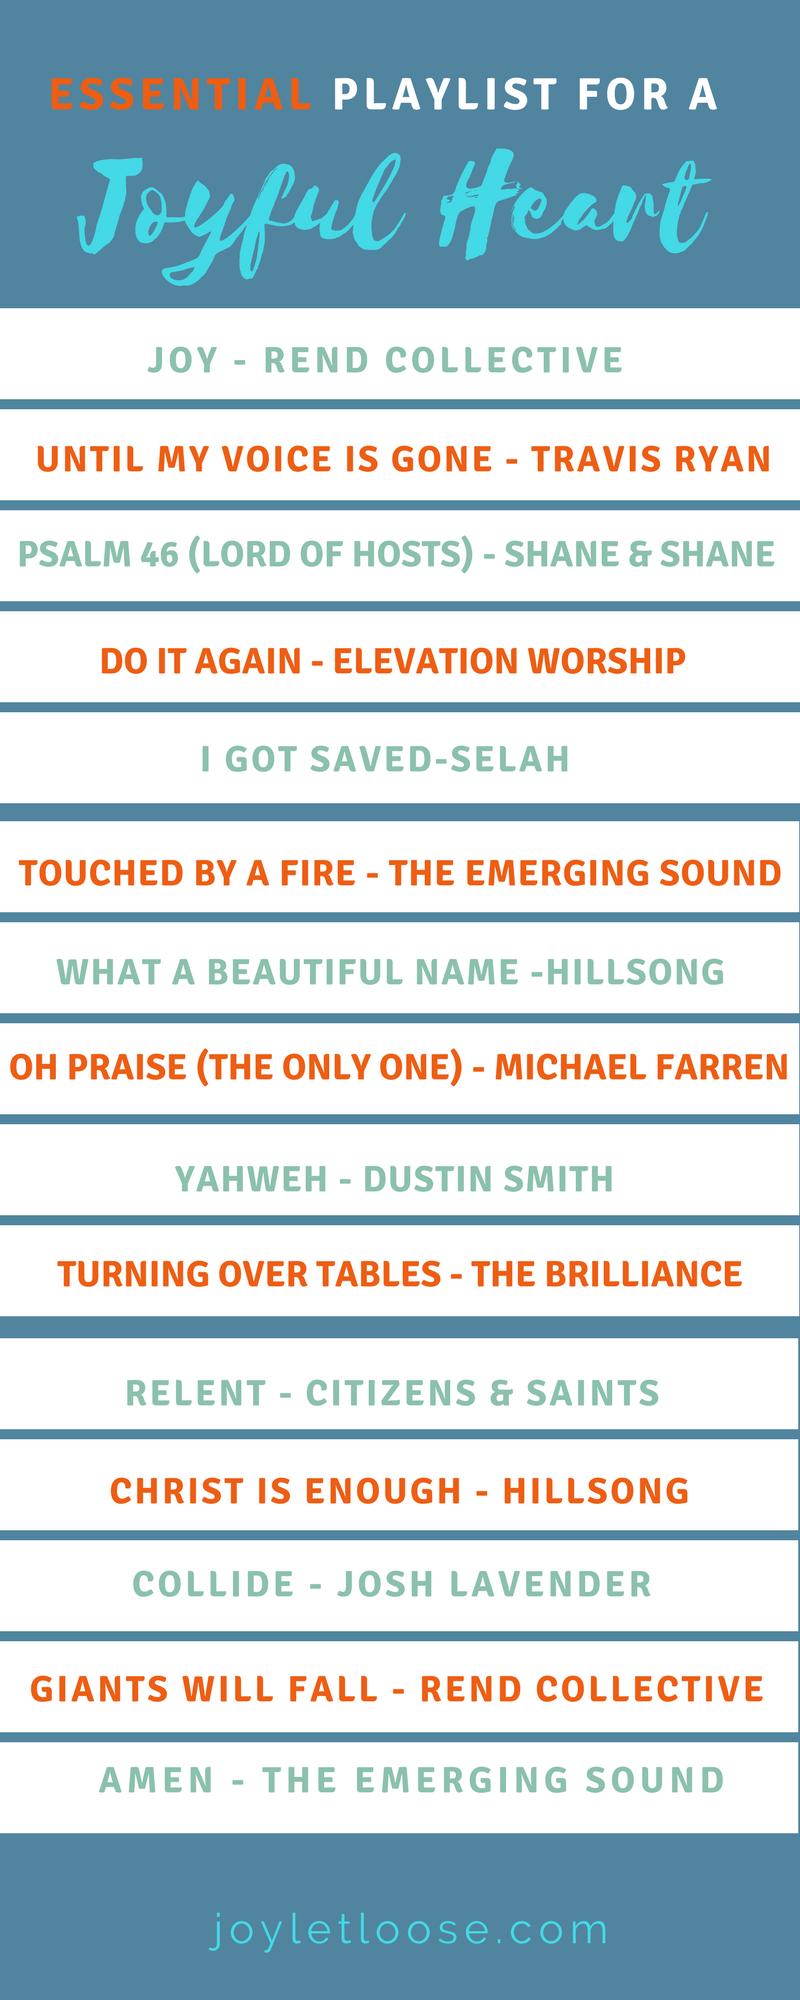 List of songs of hillsong